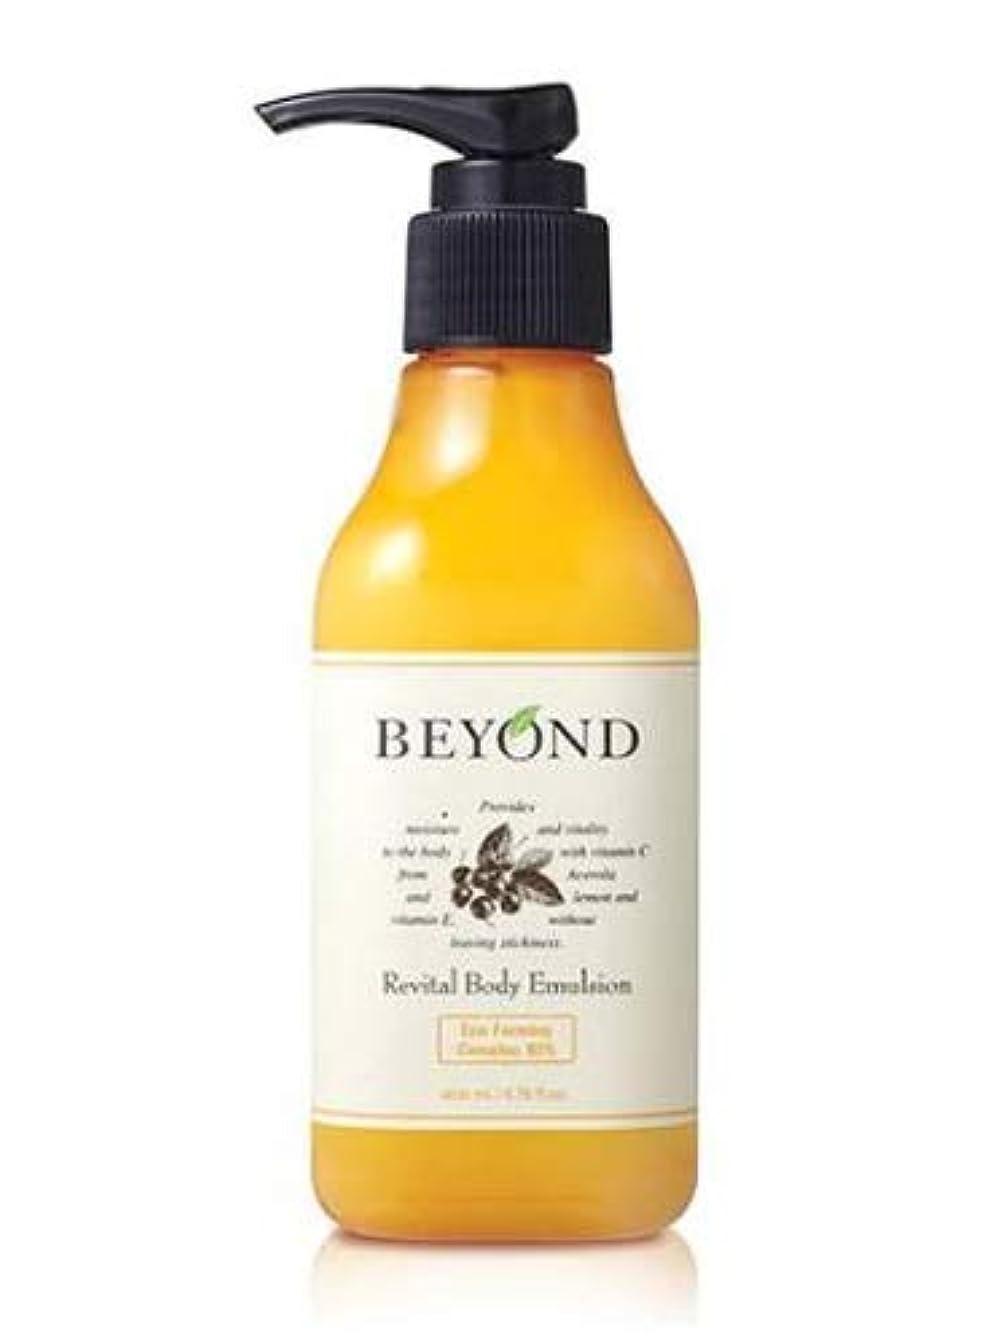 確認してくださいシェア一般化する[ビヨンド] BEYOND [リバイタル ボディ エマルション 450ml] Revital Body Emulsion 450ml [海外直送品]